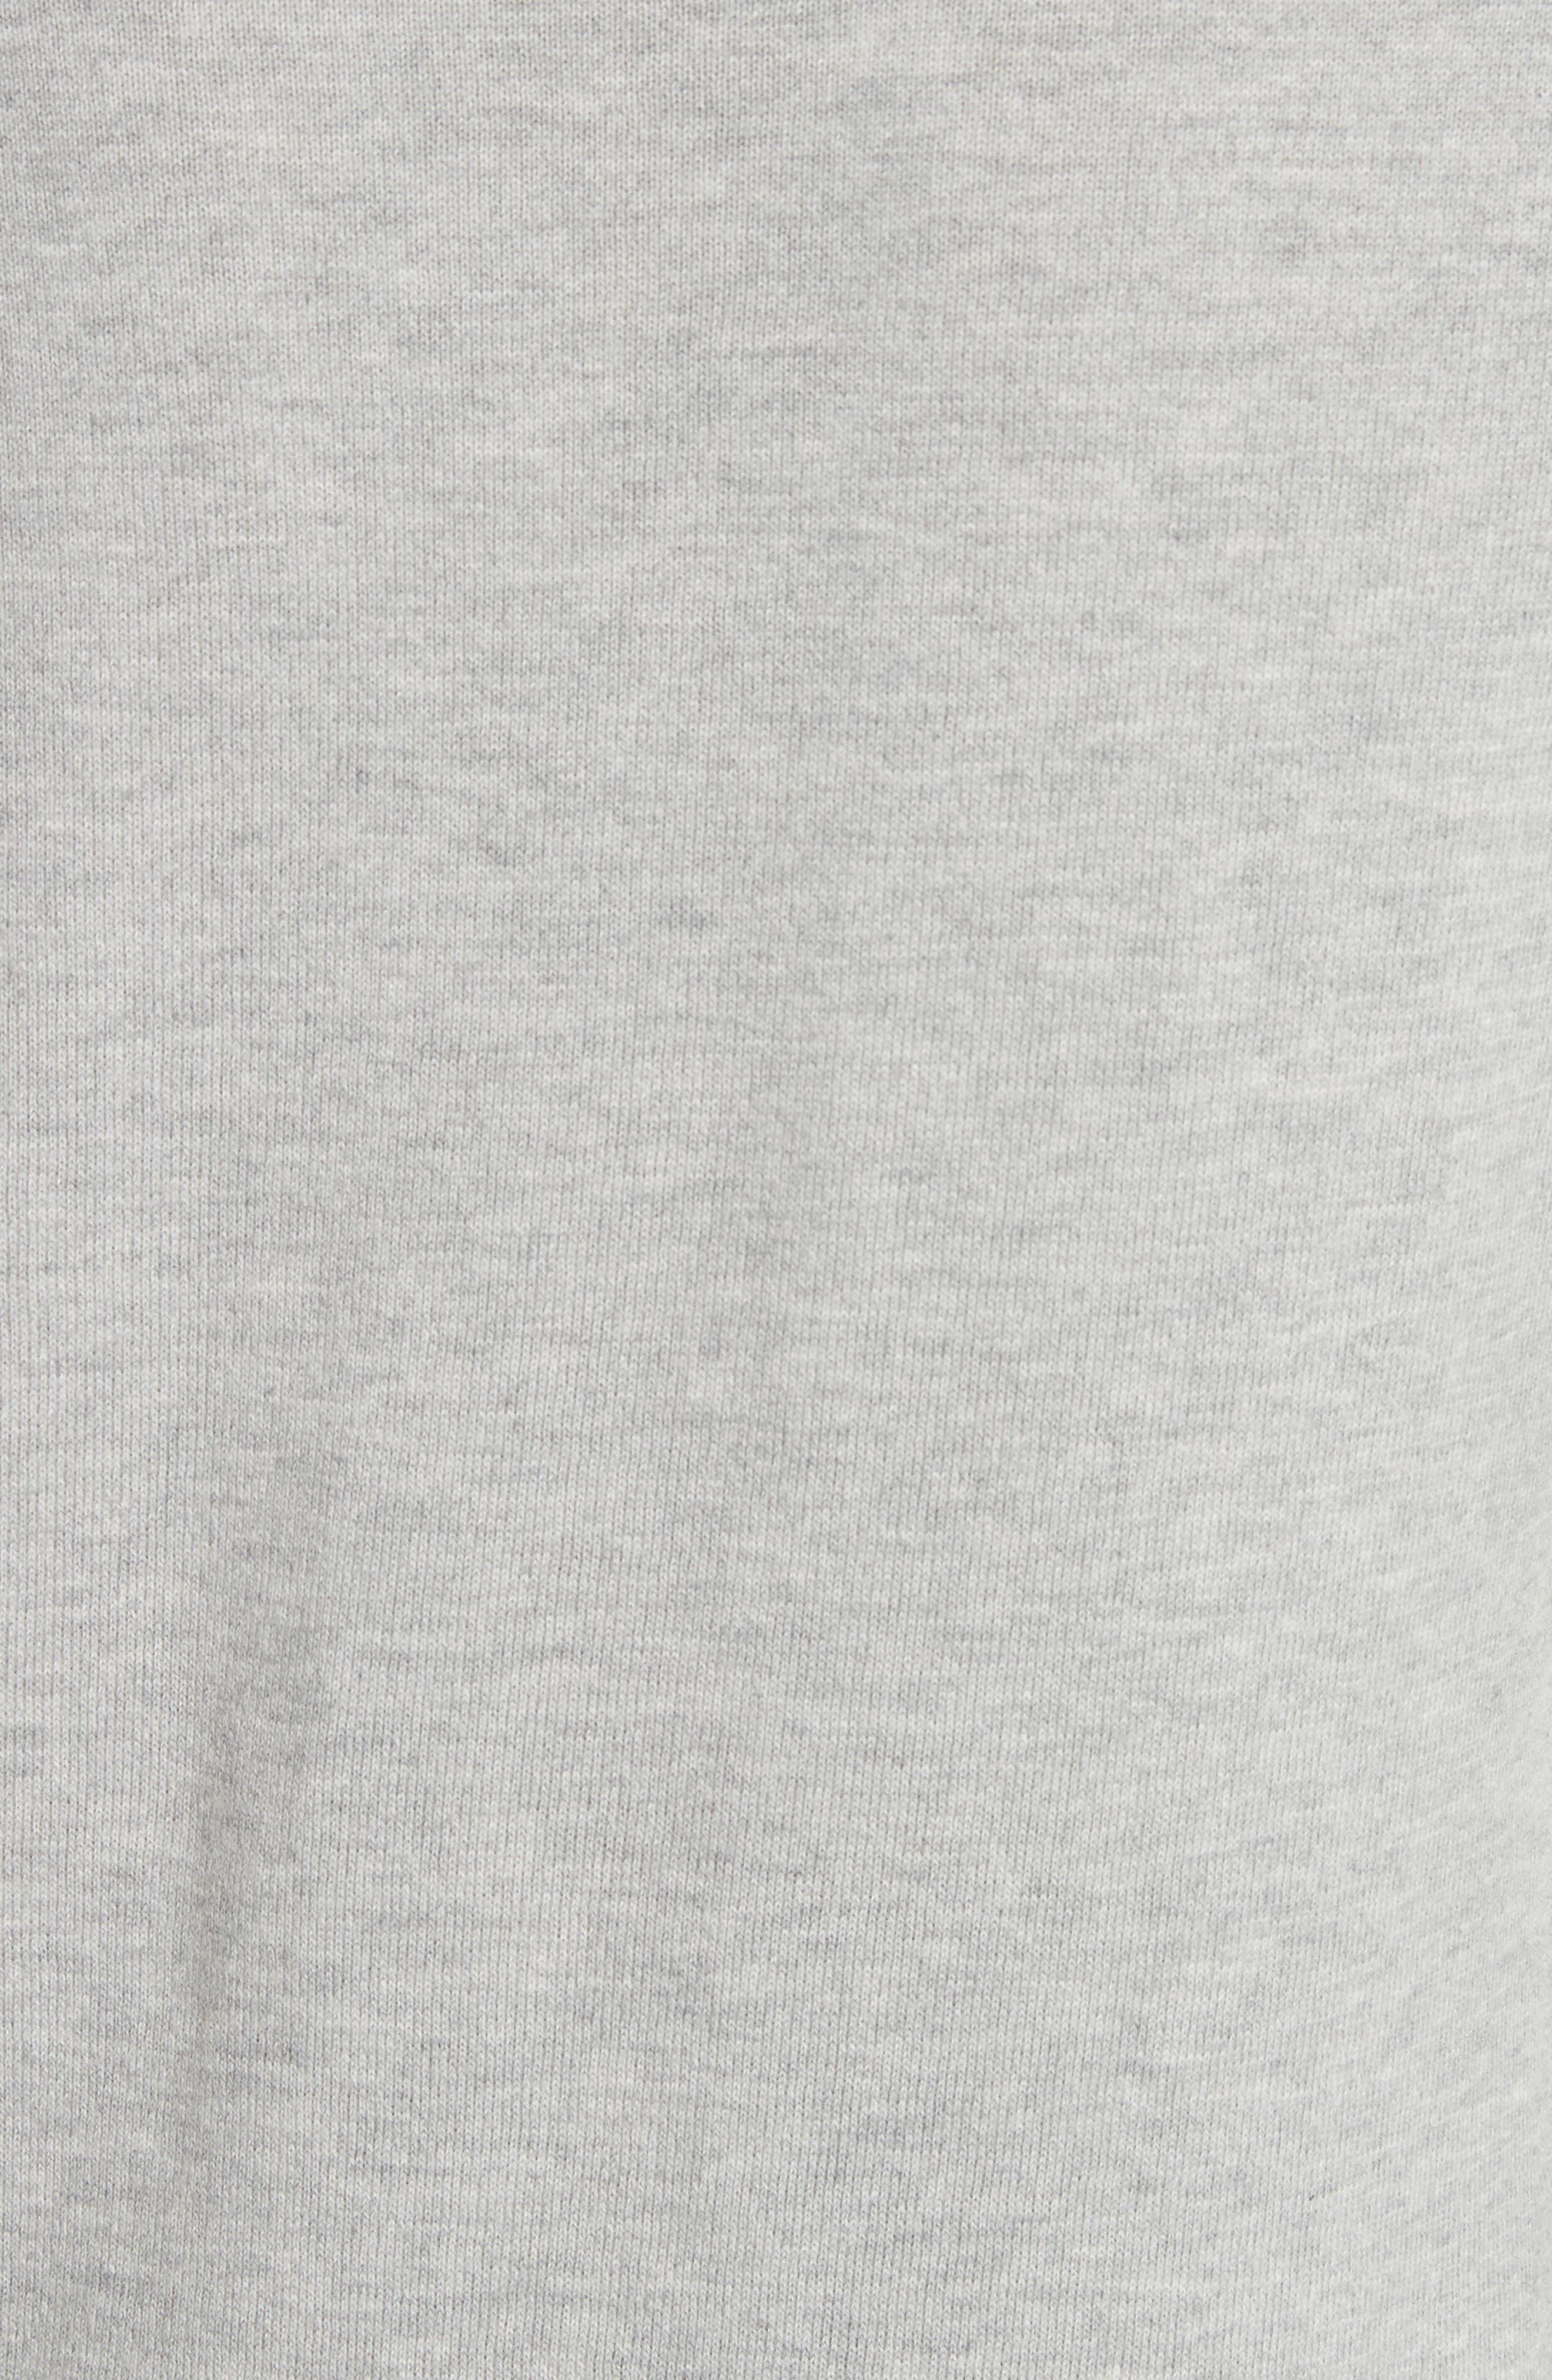 Cotton & Cashmere Sweater,                             Alternate thumbnail 5, color,                             051